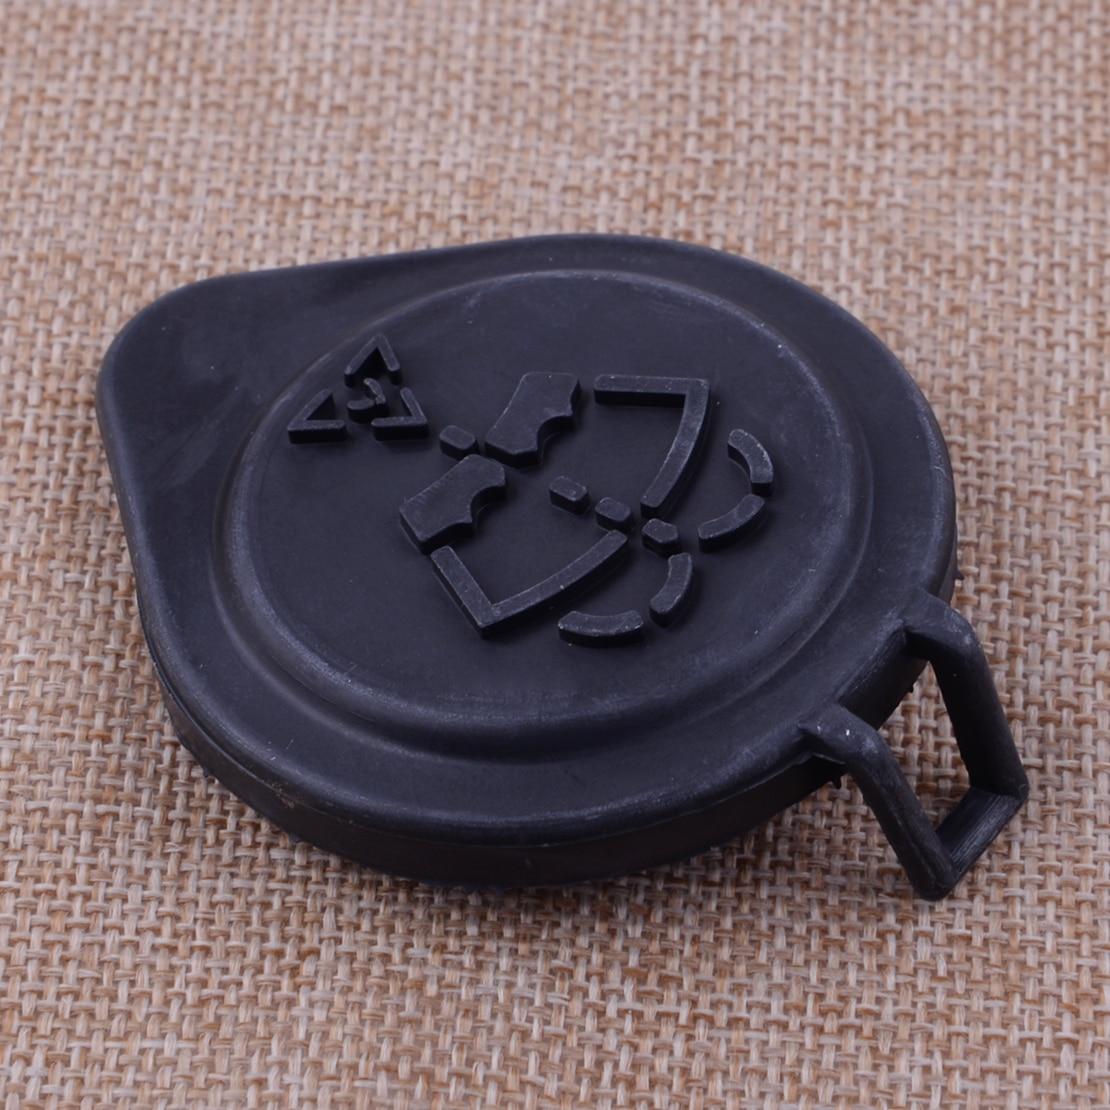 [해외]CITALL Black Windshield Washer Fluid Reservoir Filler Tank Cap Cover Fit for BMW 318i 320i 323i 325i 61661379054 Car Accessory/CITALL Black Windsh